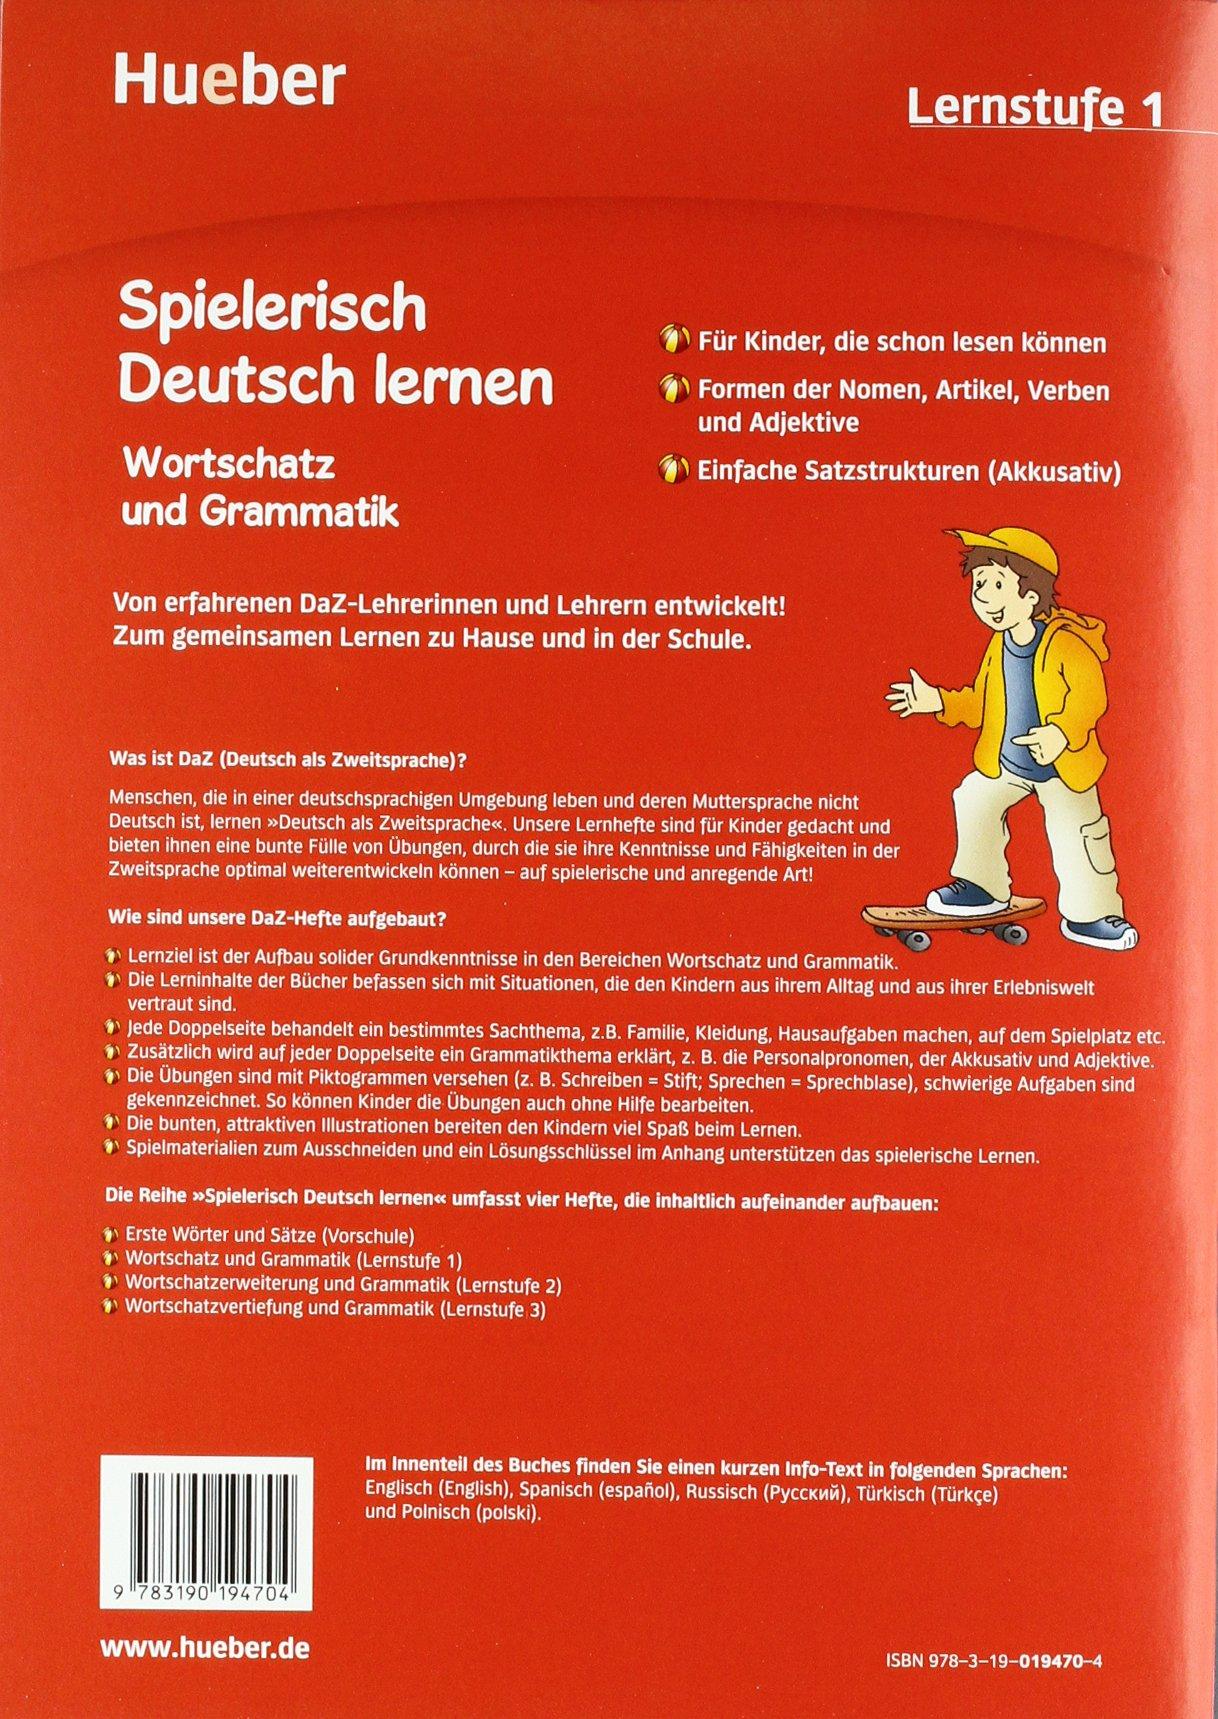 Spielerisch Deutsch lernen: Lernstufe 1 - Wortschatz und Grammatik ...